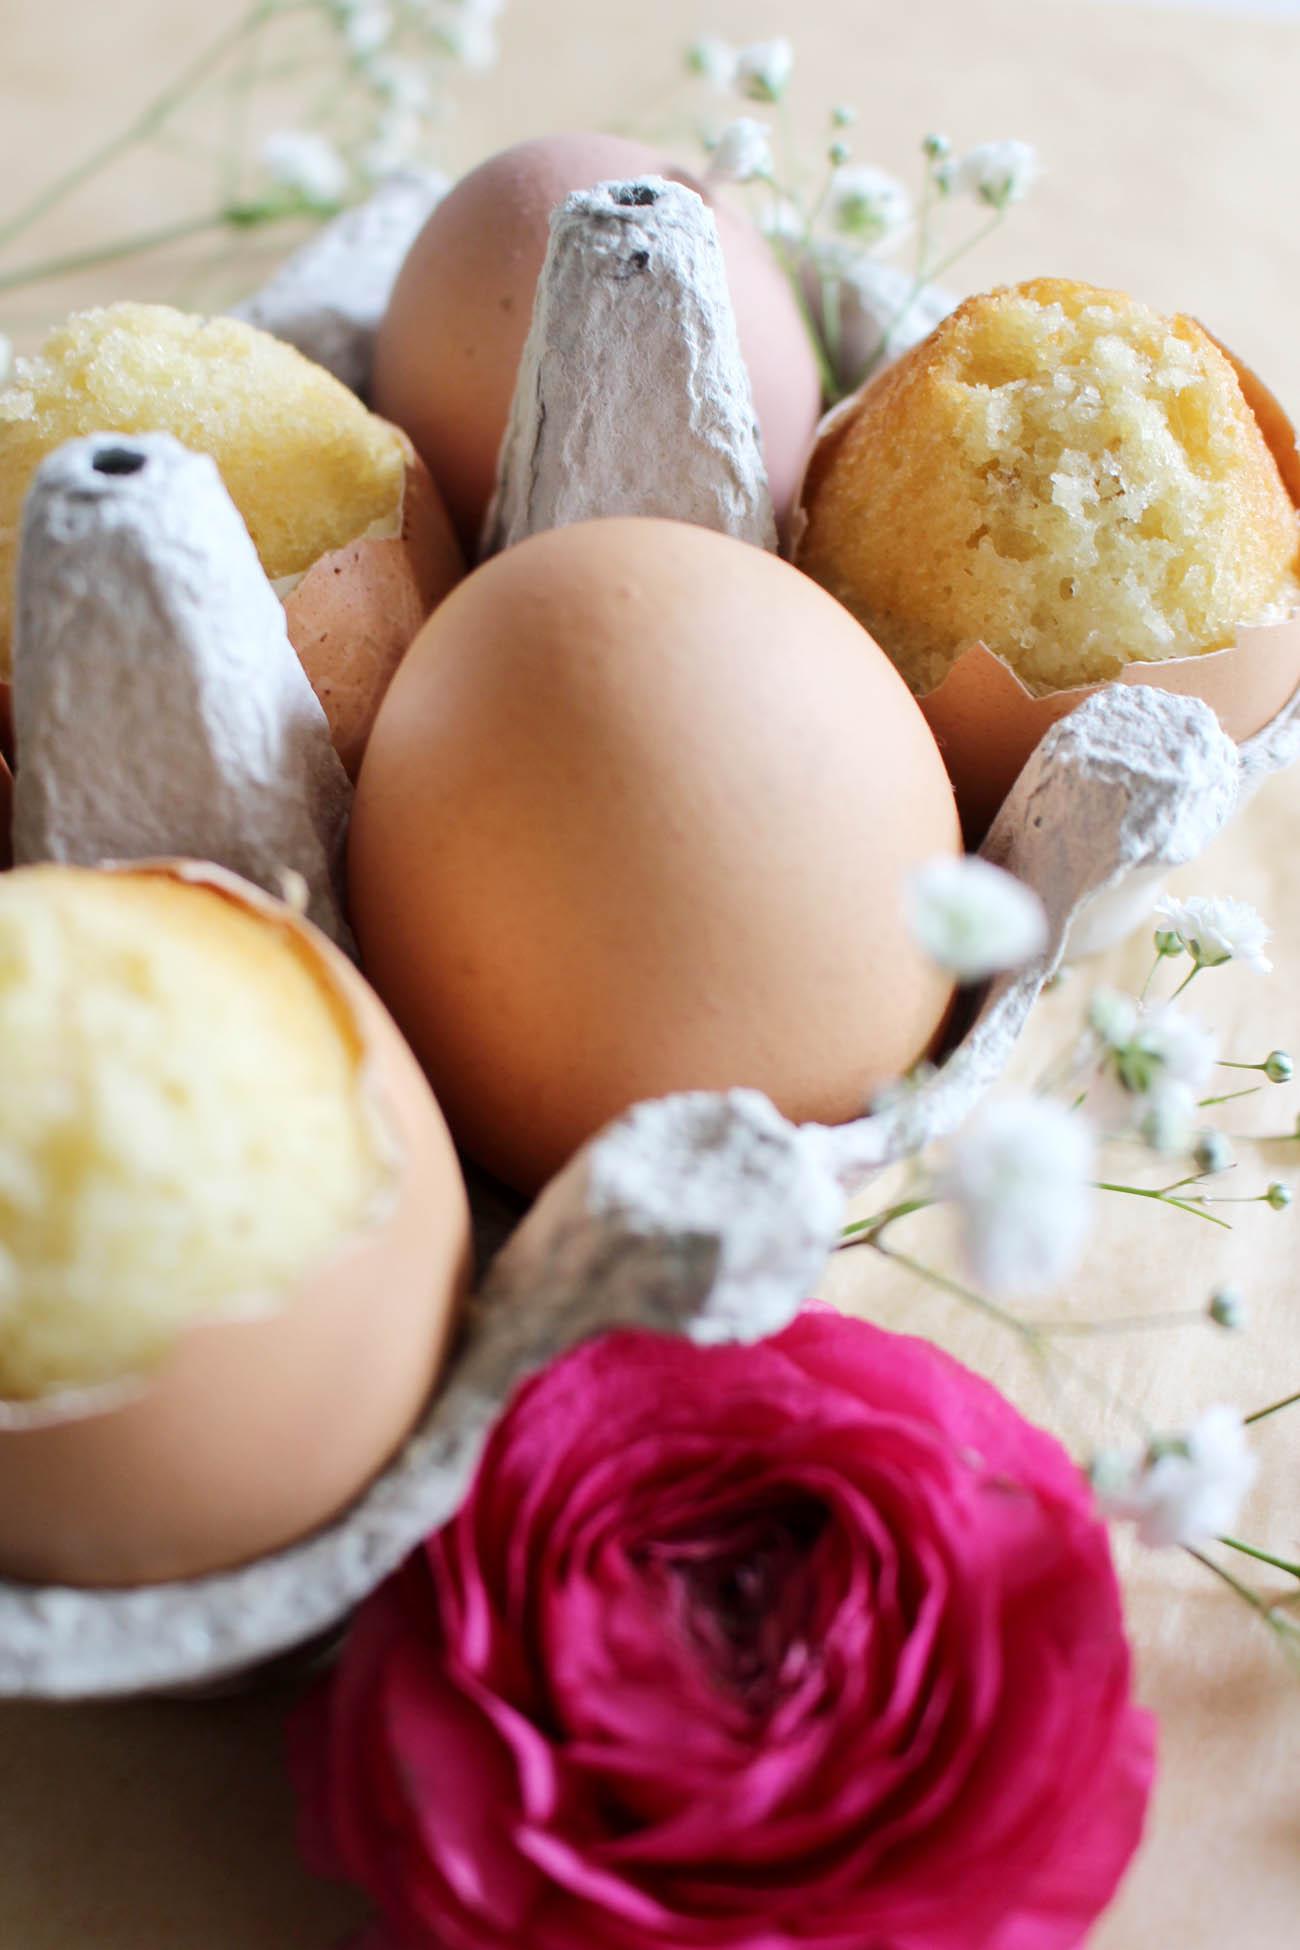 Rezept für versteckten Kuchen im Osterei